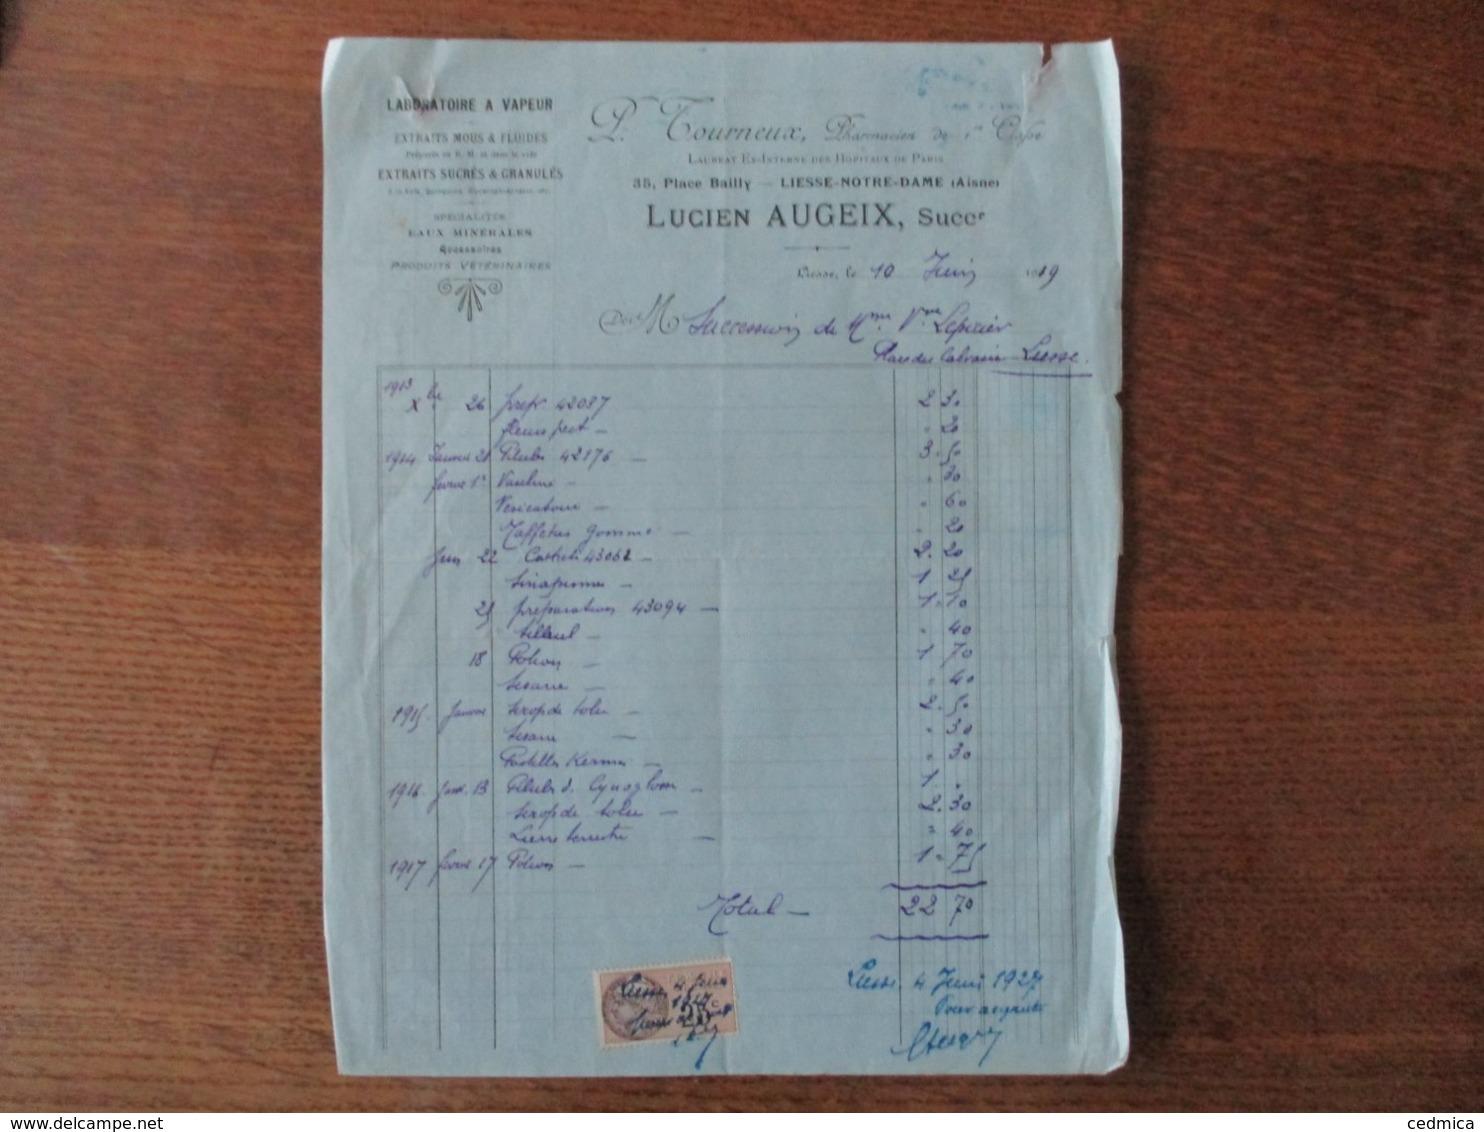 LIESSE-NOTRE-DAME LUCIEN AUGEIX PHARMACIEN LABORATOIRE A VAPEUR 35 PLACE BAILLY FACTURE DU 10 JUIN  1919 - France